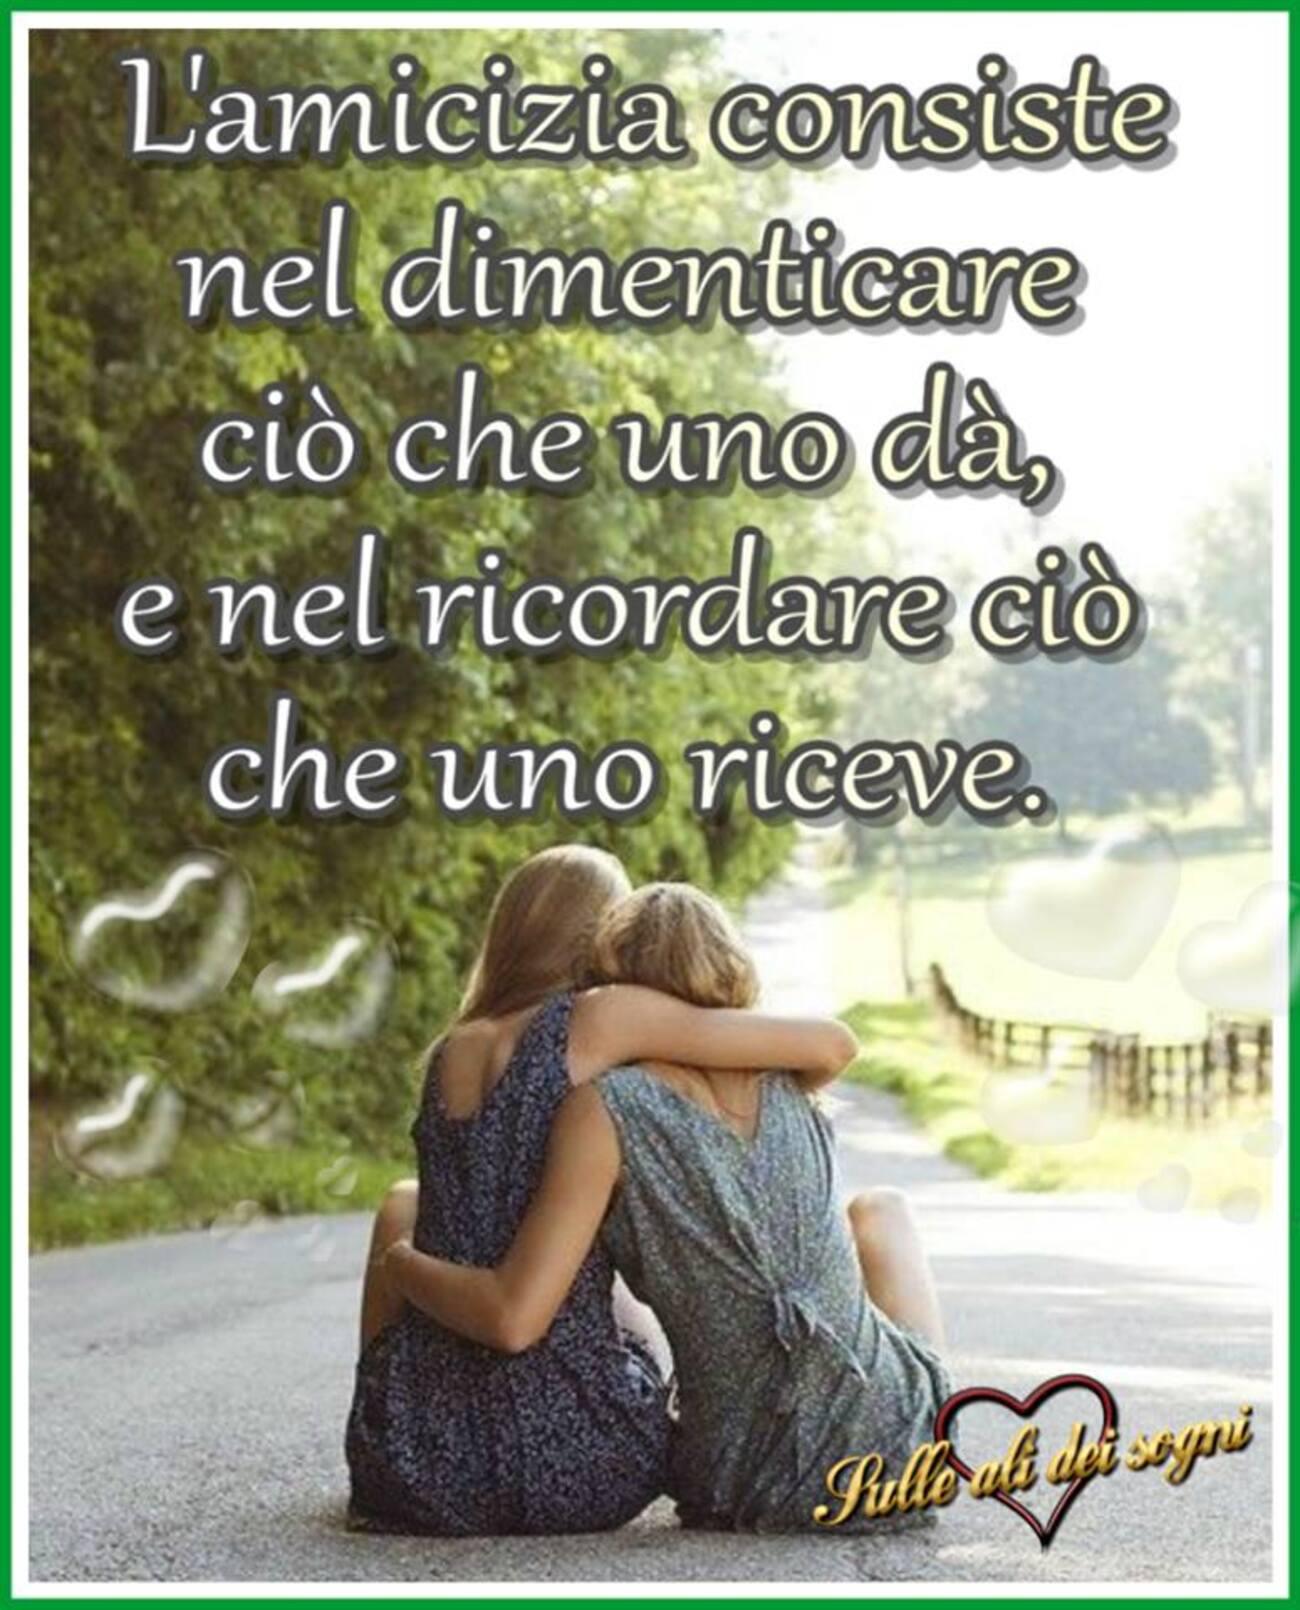 L'amicizia consiste nel dimenticare ciò che uno dà, e nel ricordare ciò che uno riceve.